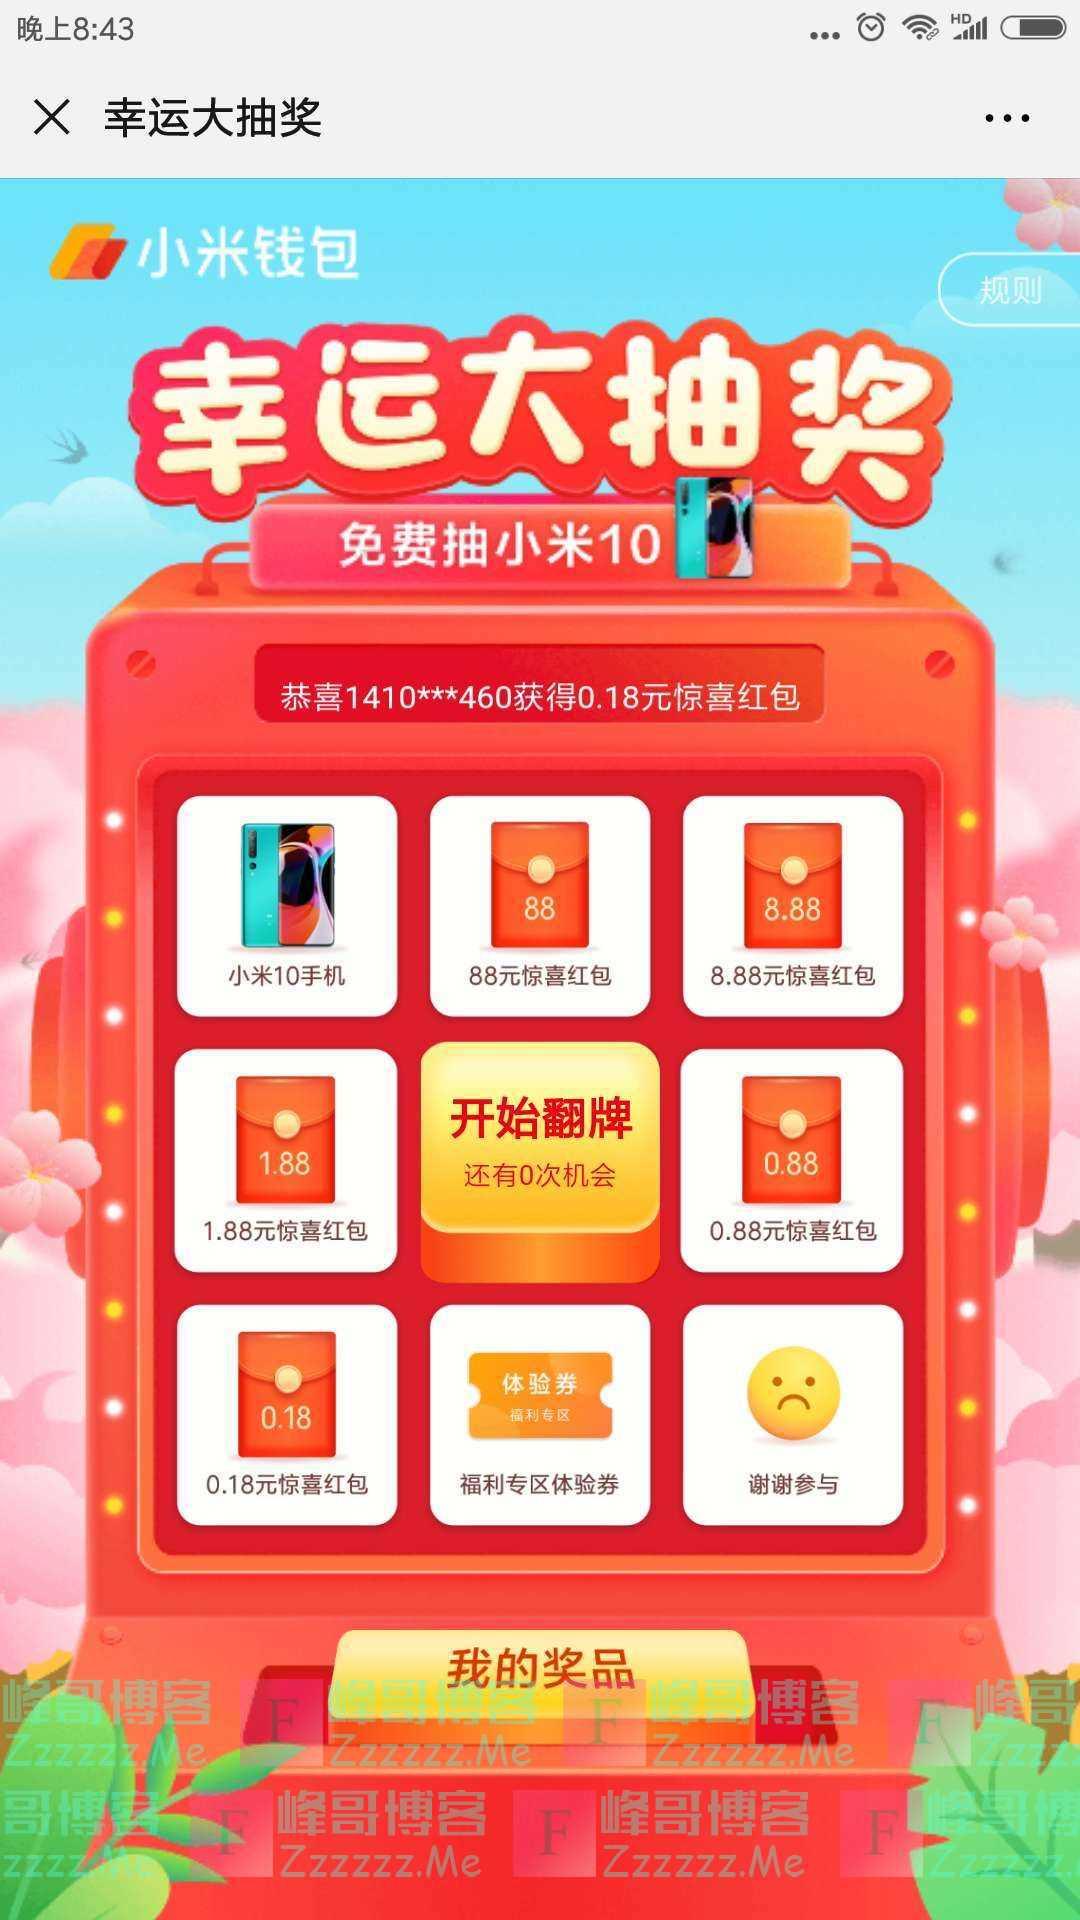 微信小米钱包幸运抽奖(截止3月19日)